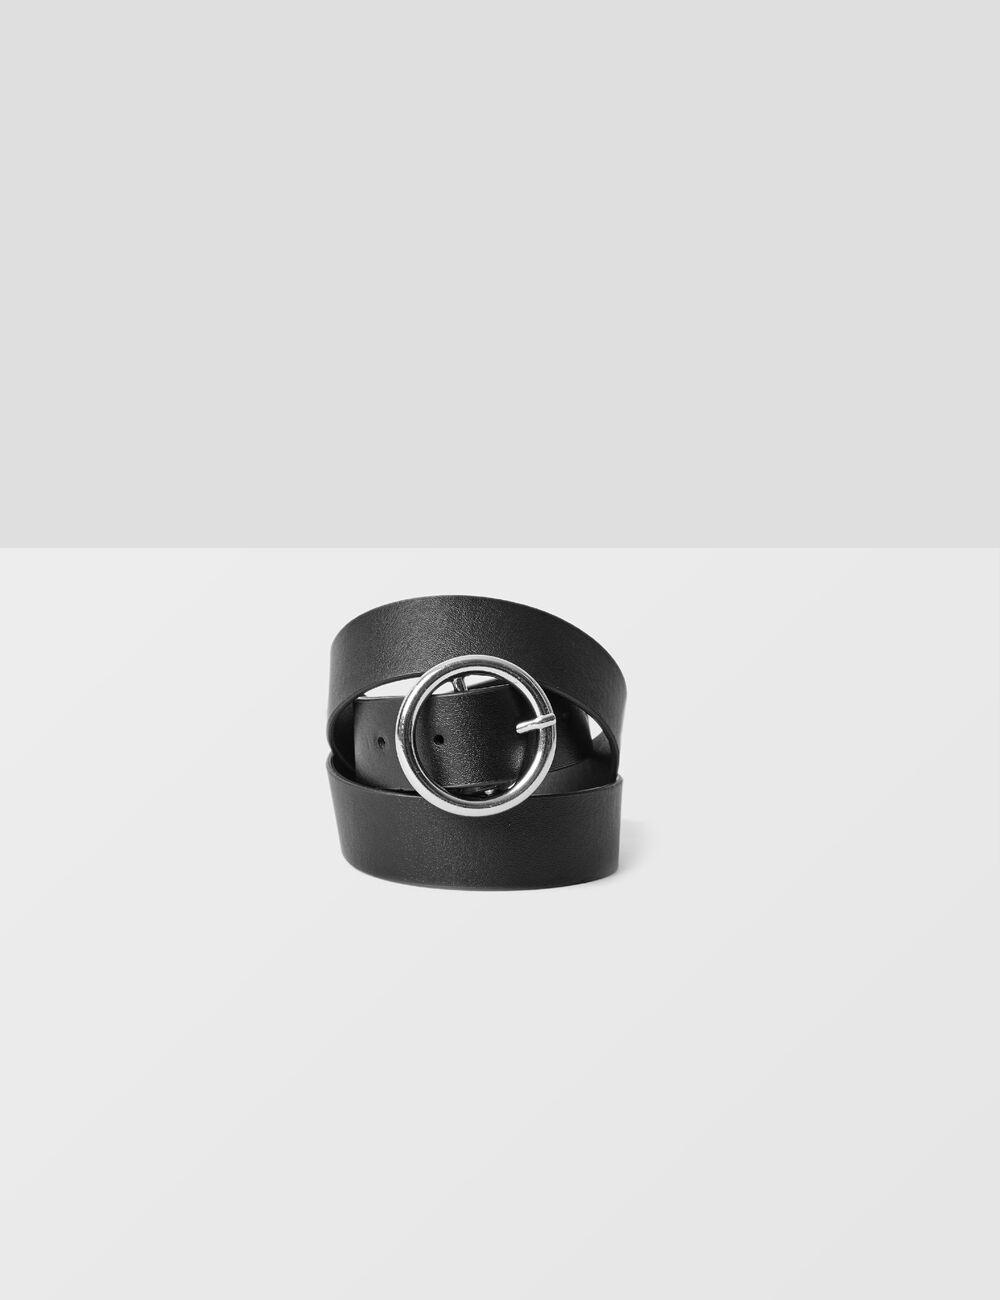 Ceinture boucle ronde noire femme • Jennyfer cdfb5f81ed2